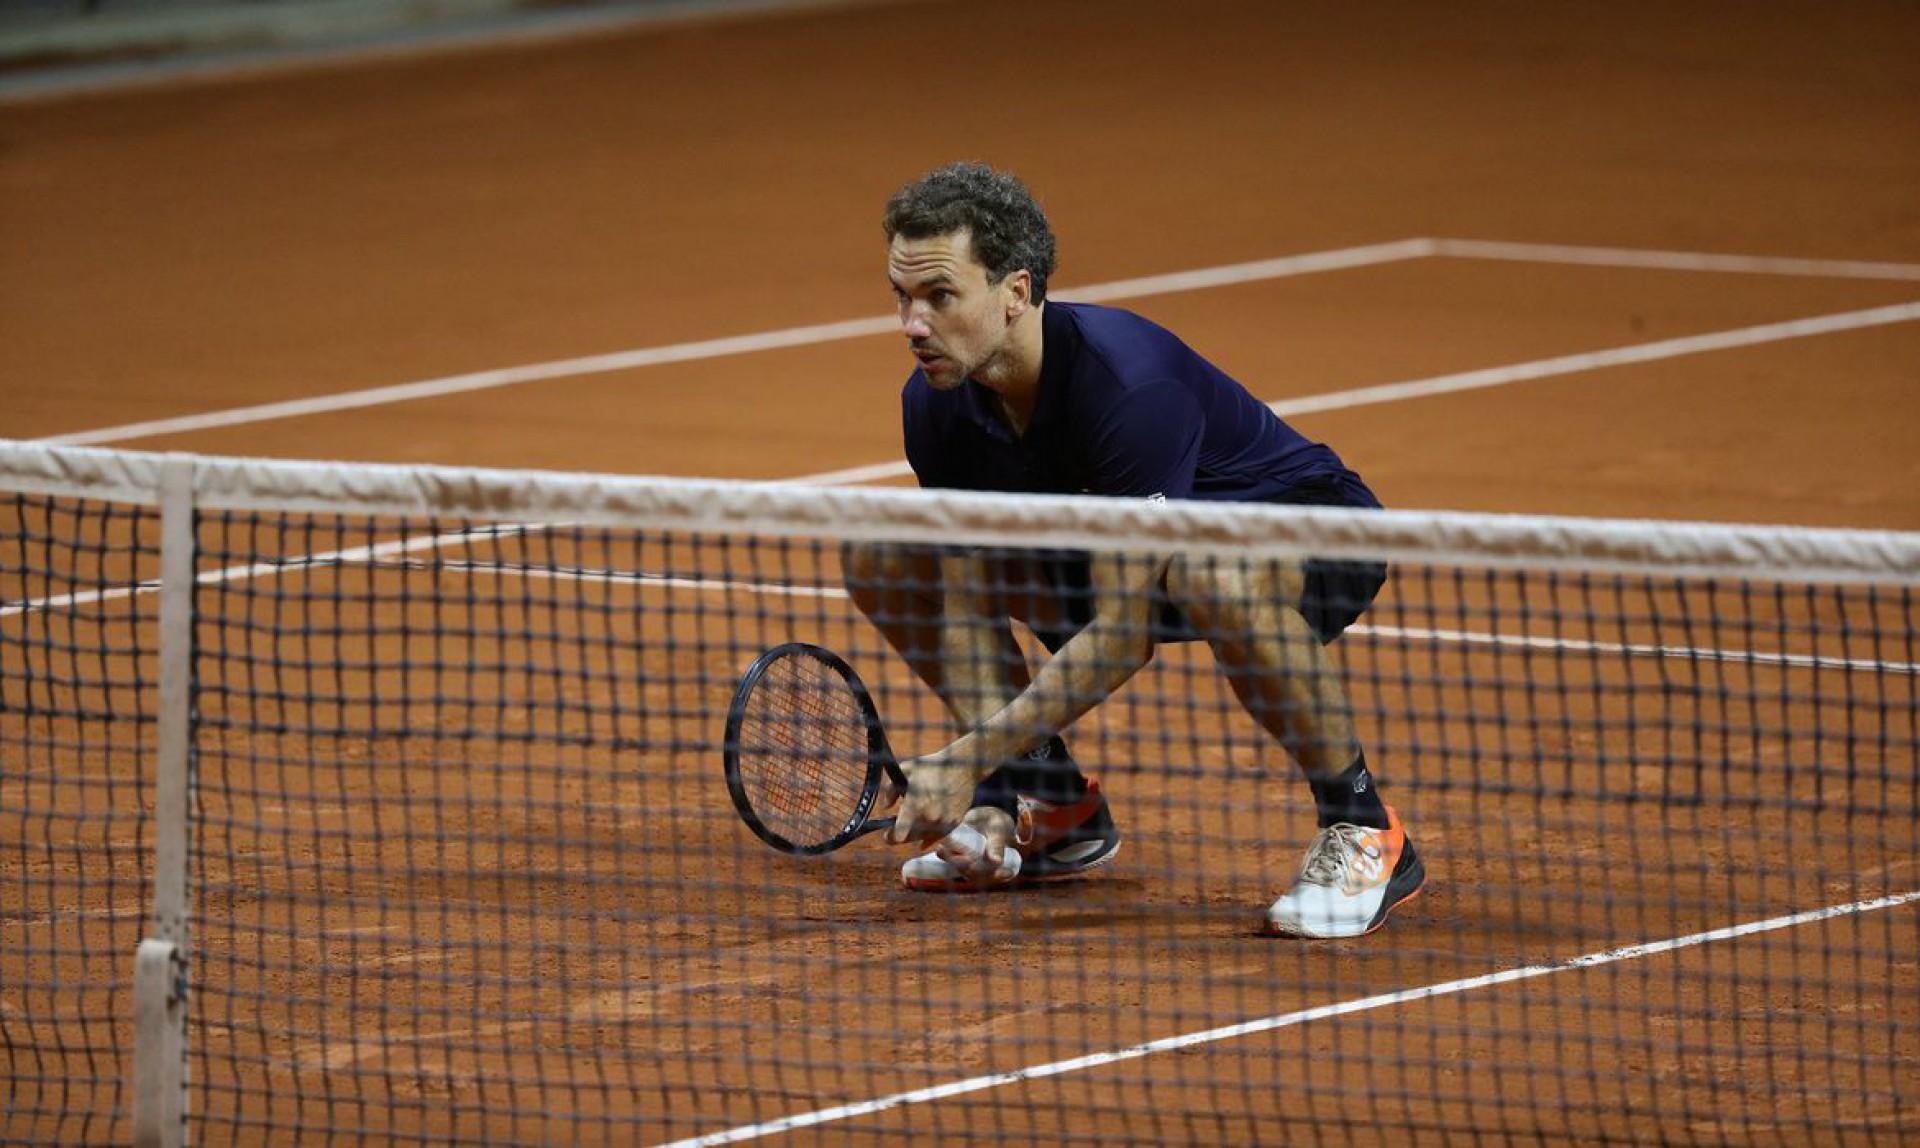 Bruno Soares está na semifinal de duplas de Roland Garros (Foto: Loic Wacziak/ Roland Garros/Direitos reservados)